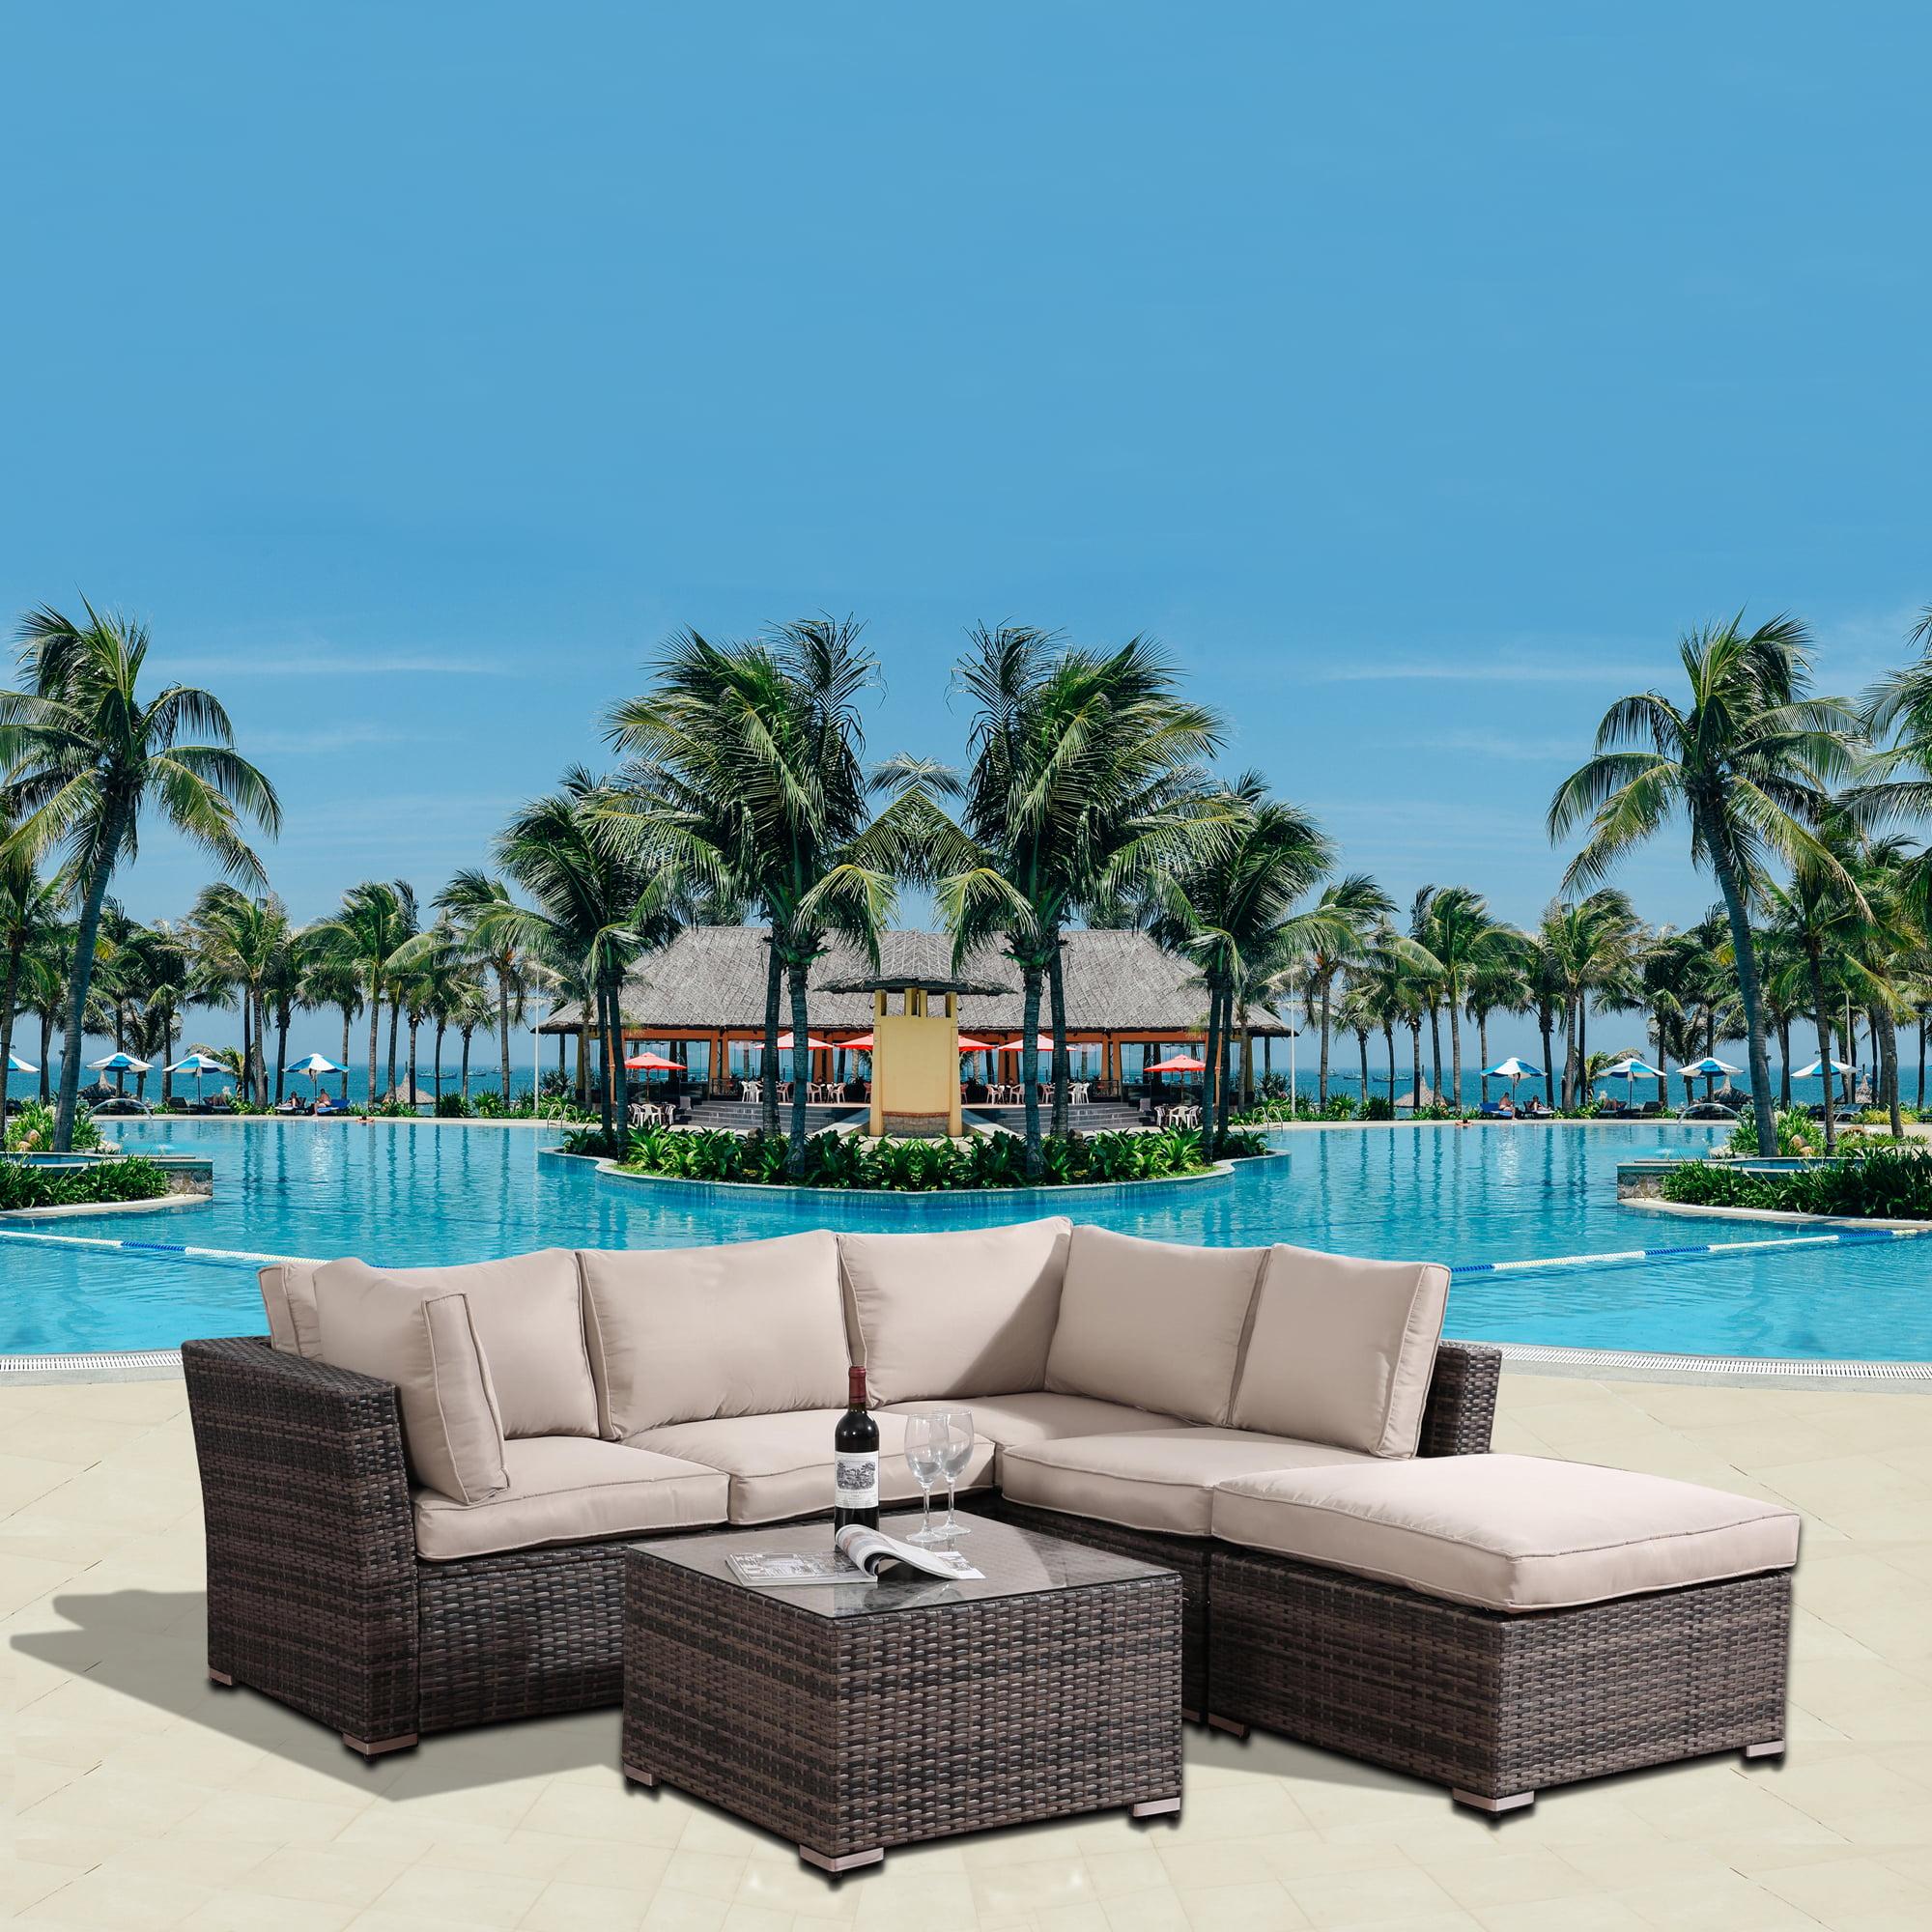 Ubuy Zimbabwe Online Shopping For stylish outdoor furniture in